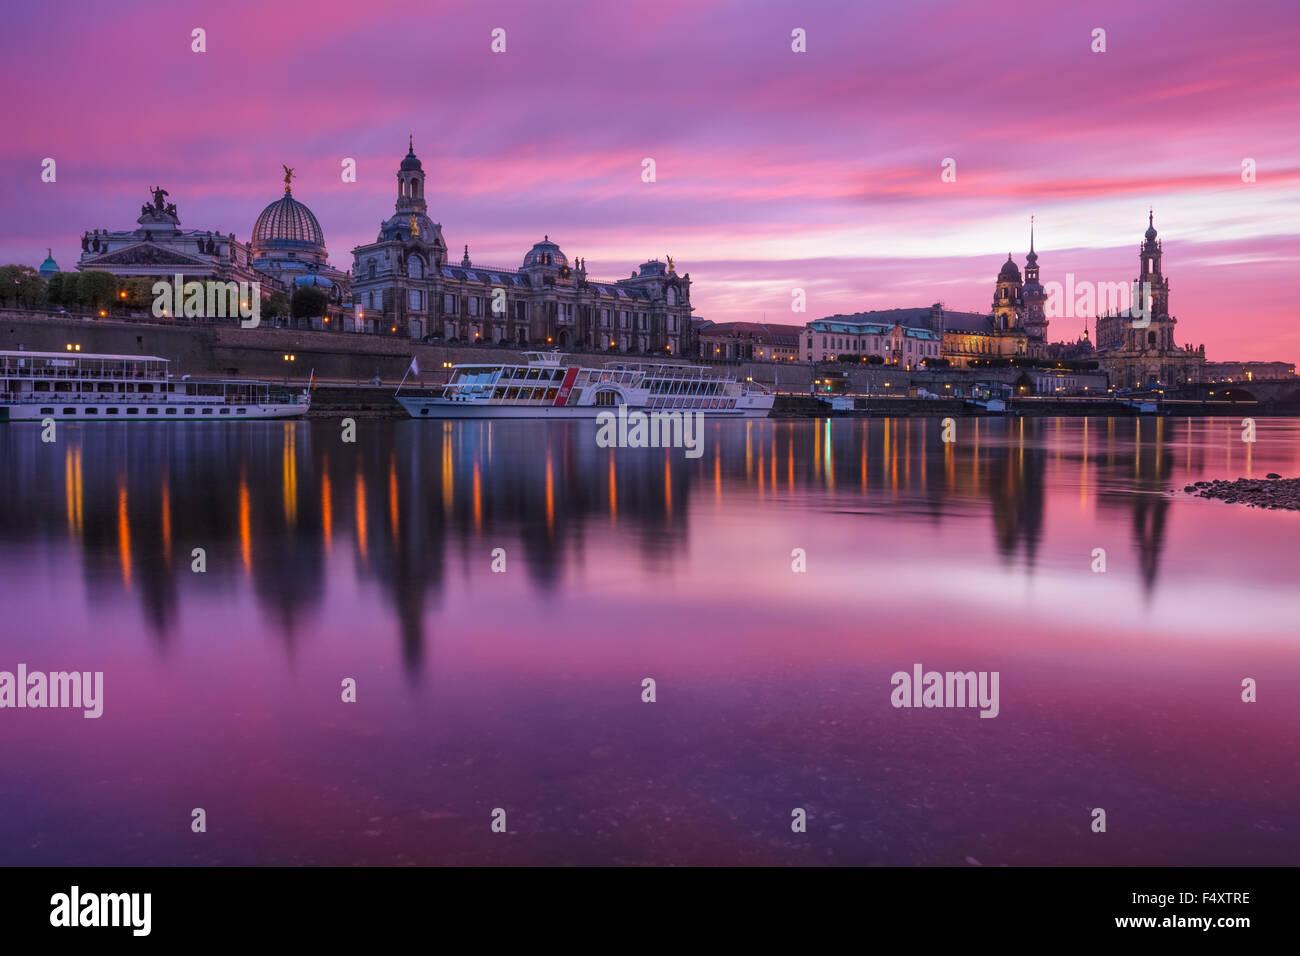 Sympathisch Skyline Dresden Das Beste Von Dresden, Germany, During Sunset